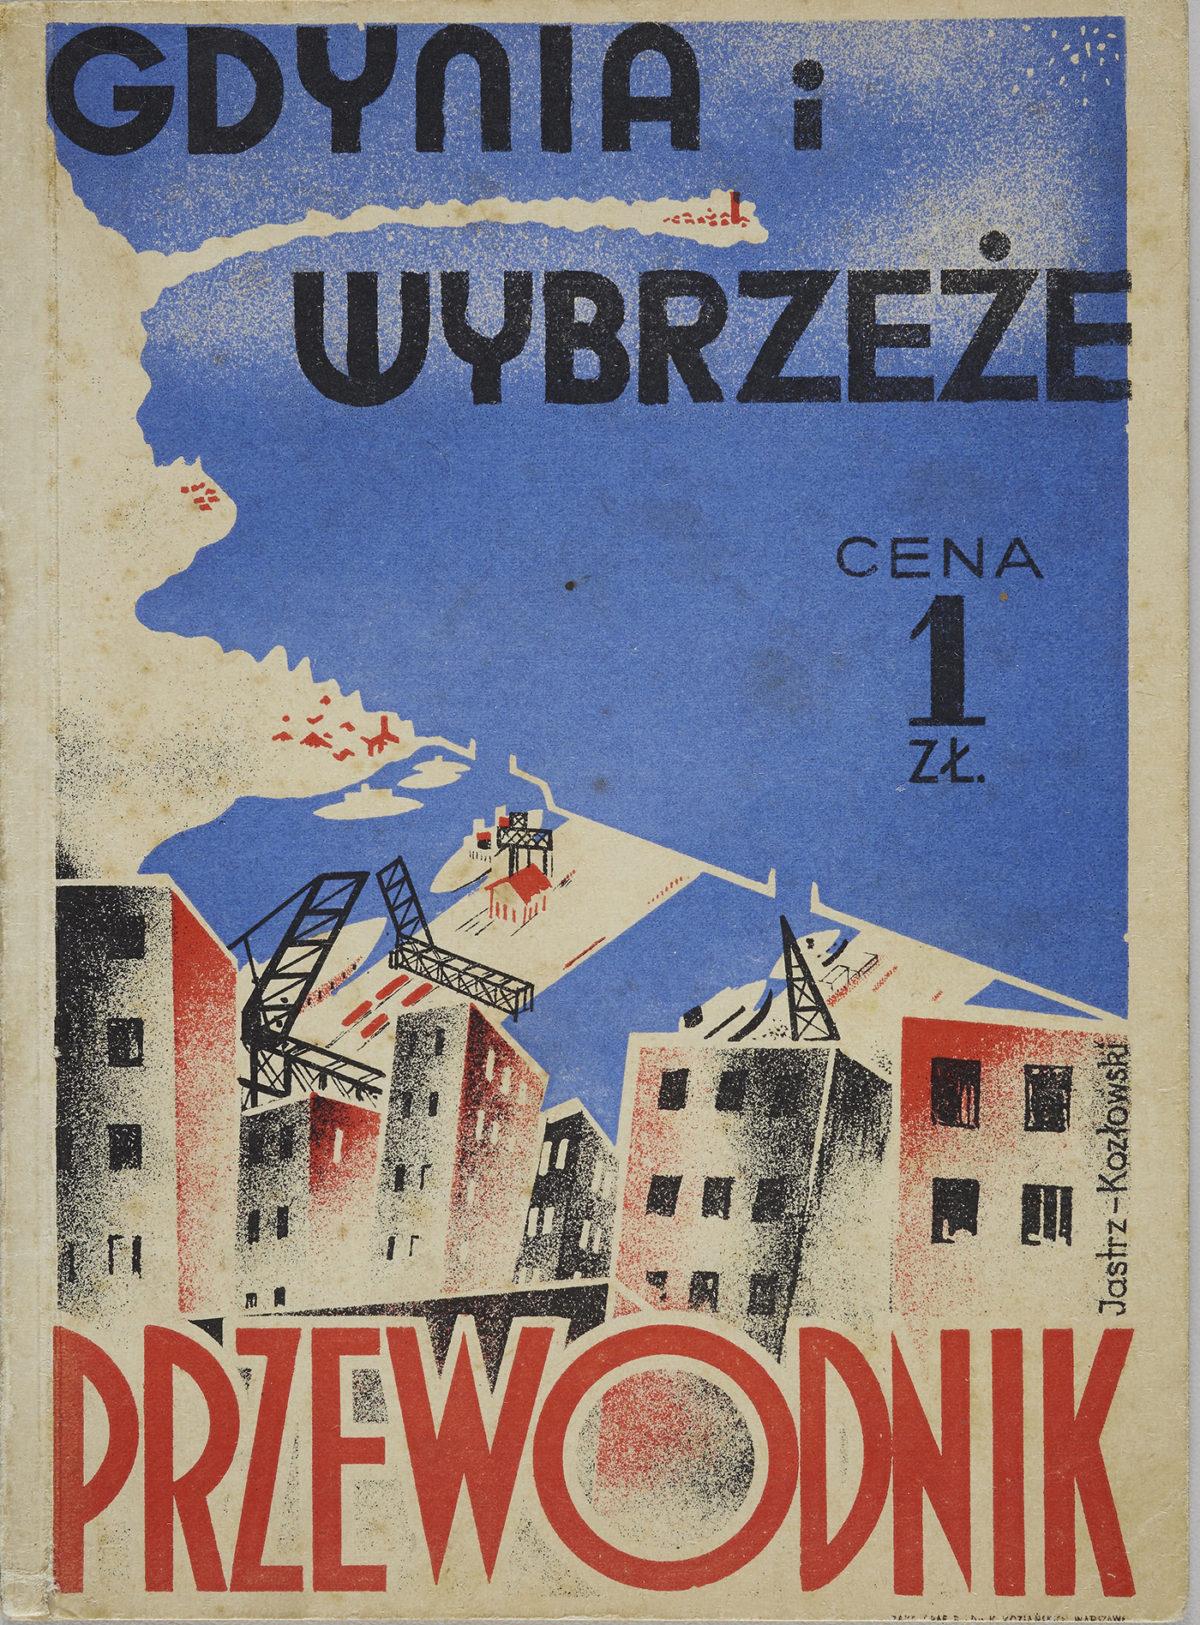 Wizualna propaganda Gdyni ipolskiego morza wmiędzywojniu